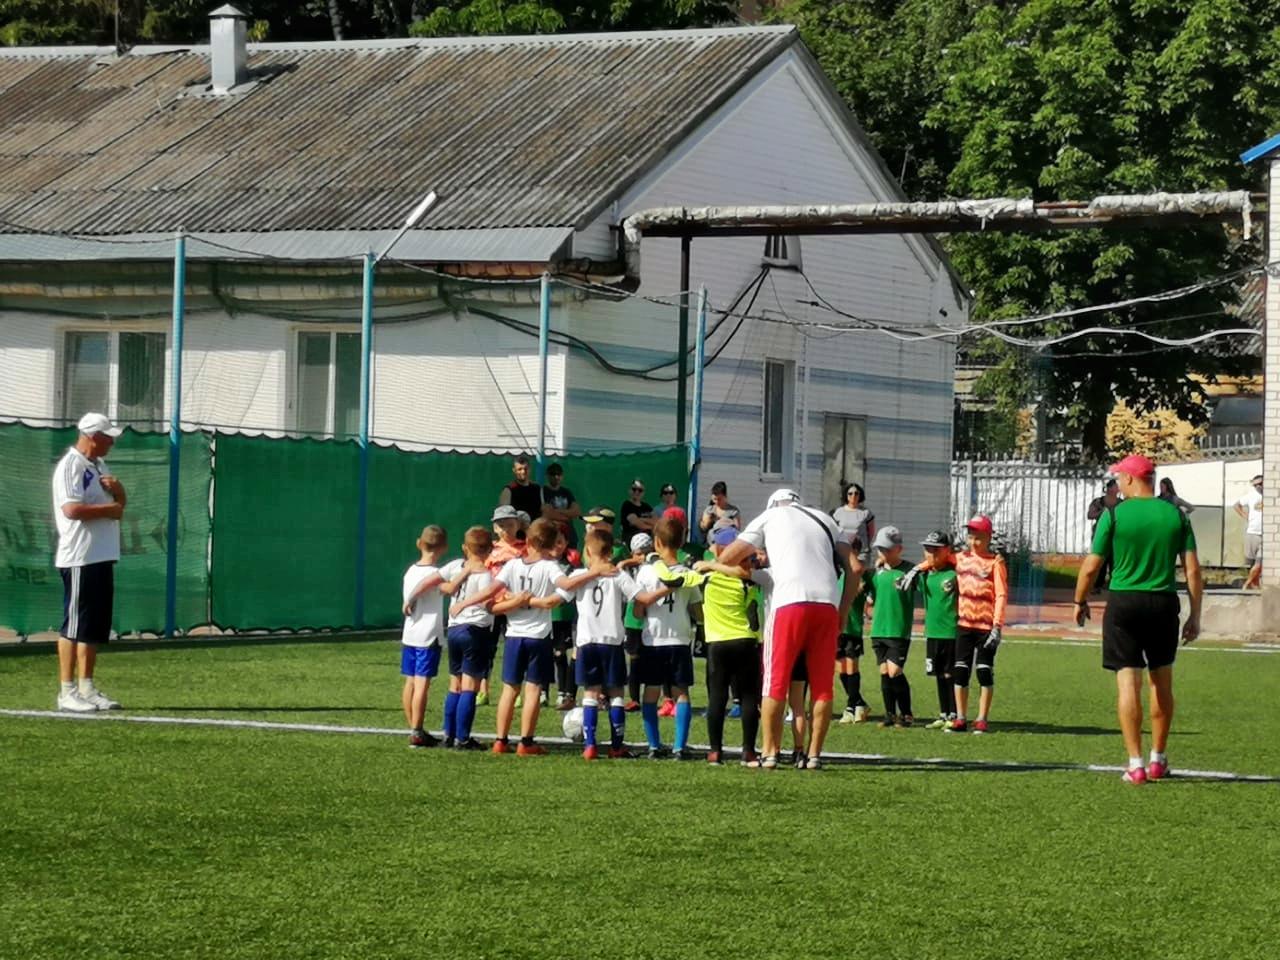 В товарищеских матчах одержаны две победы - 10:0 и 6:0.